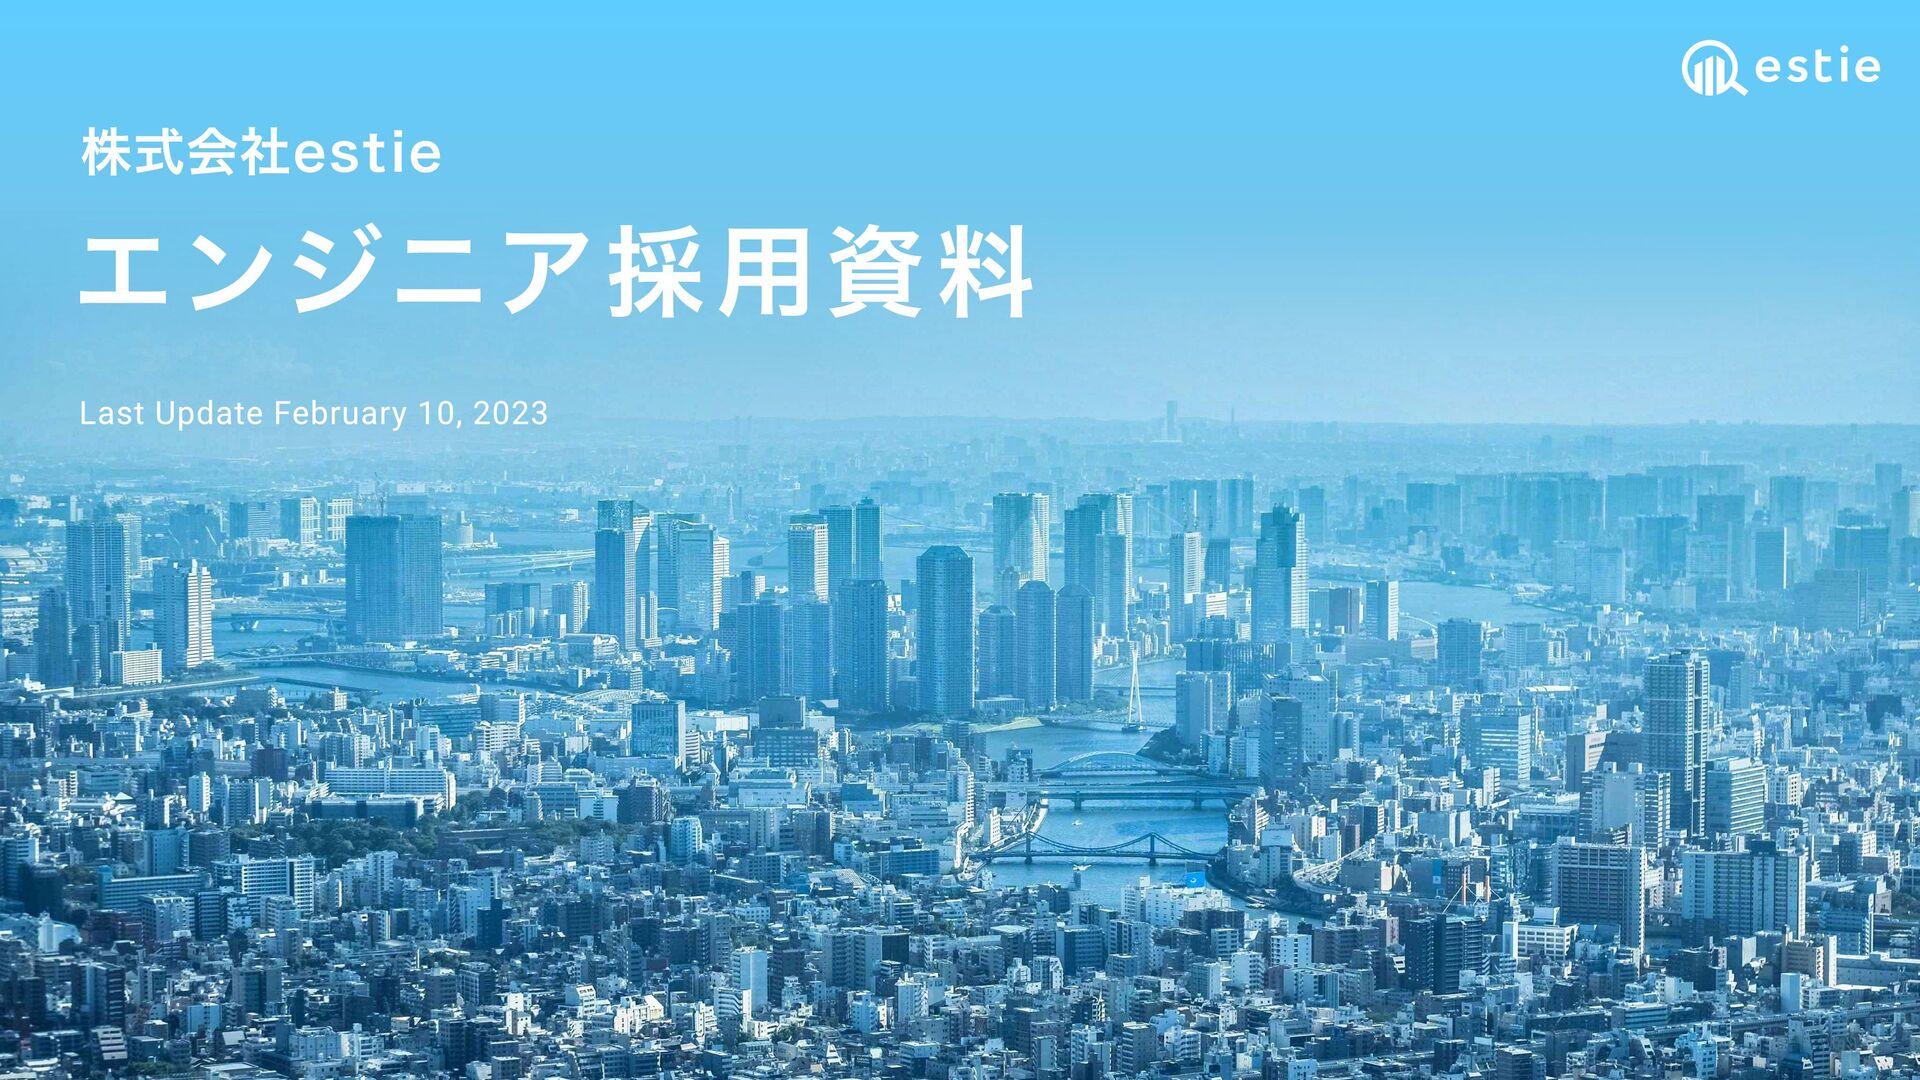 株式会社estie エンジニア採用資料 Last Update 2 September, 20...